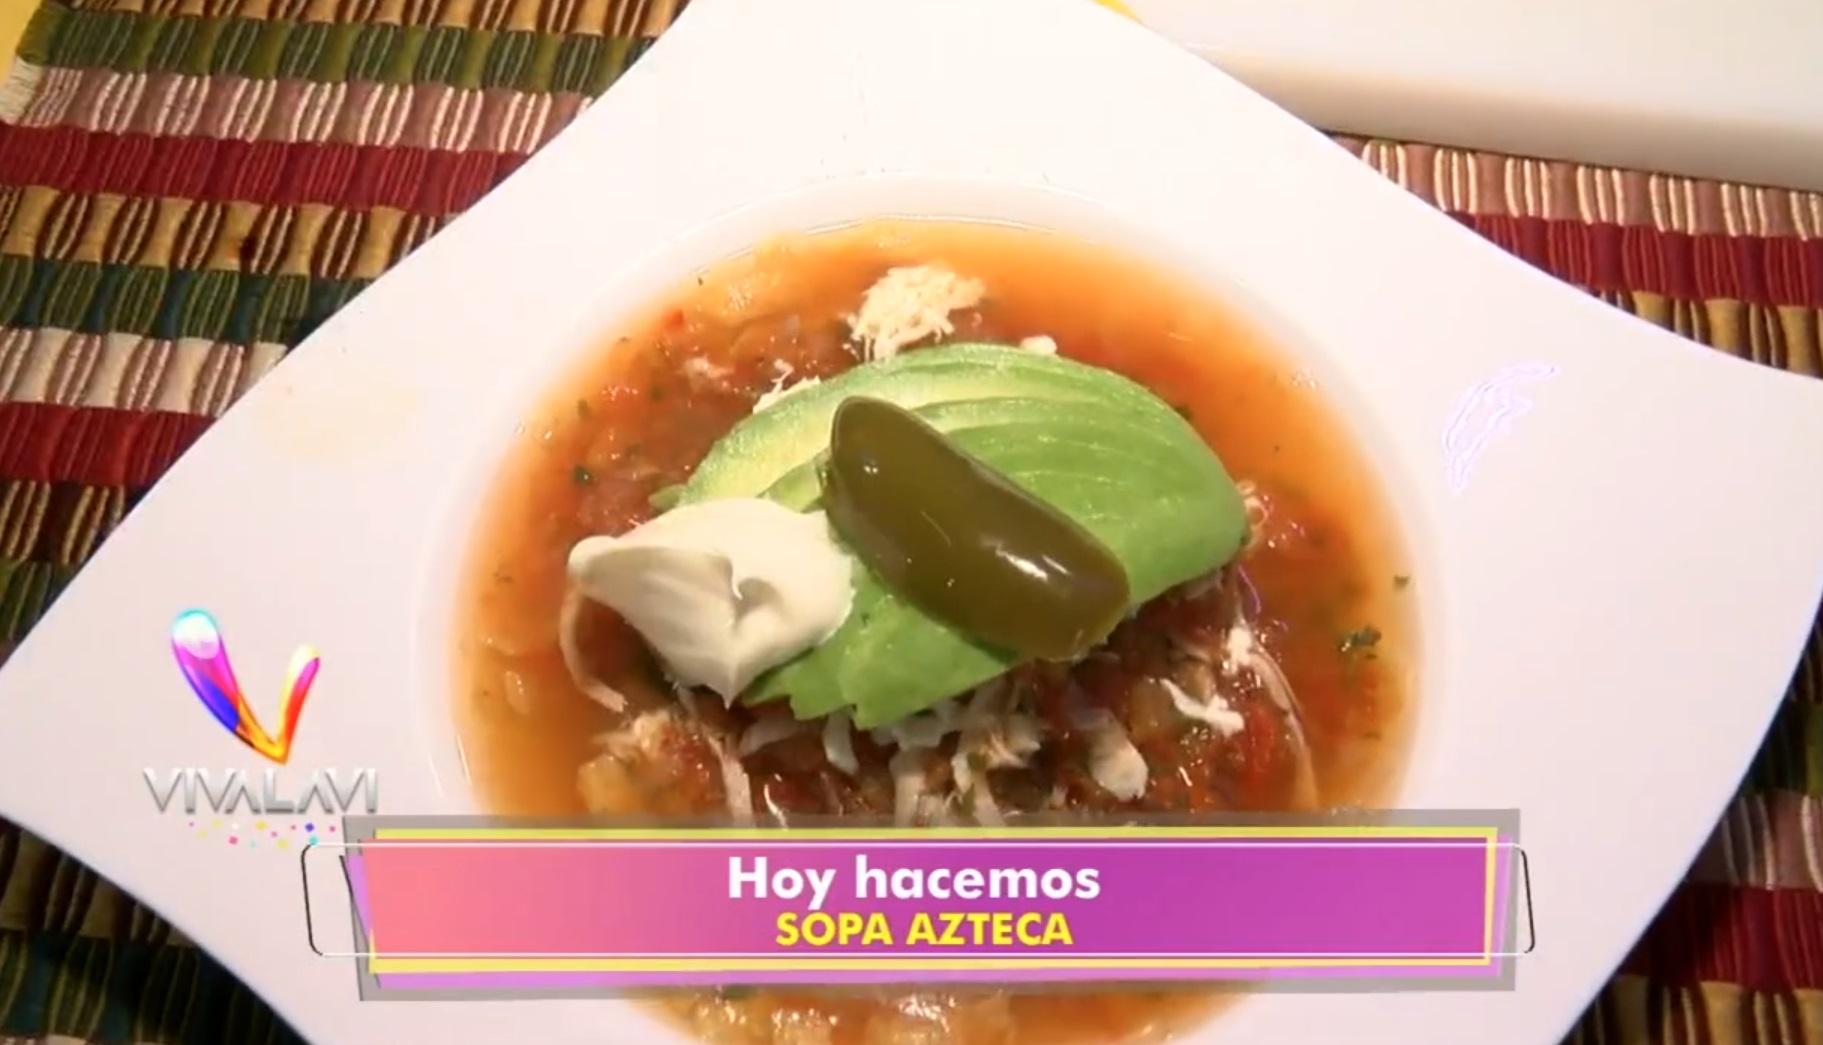 (+VIDEO) Cocine un sabrosa sopa azteca